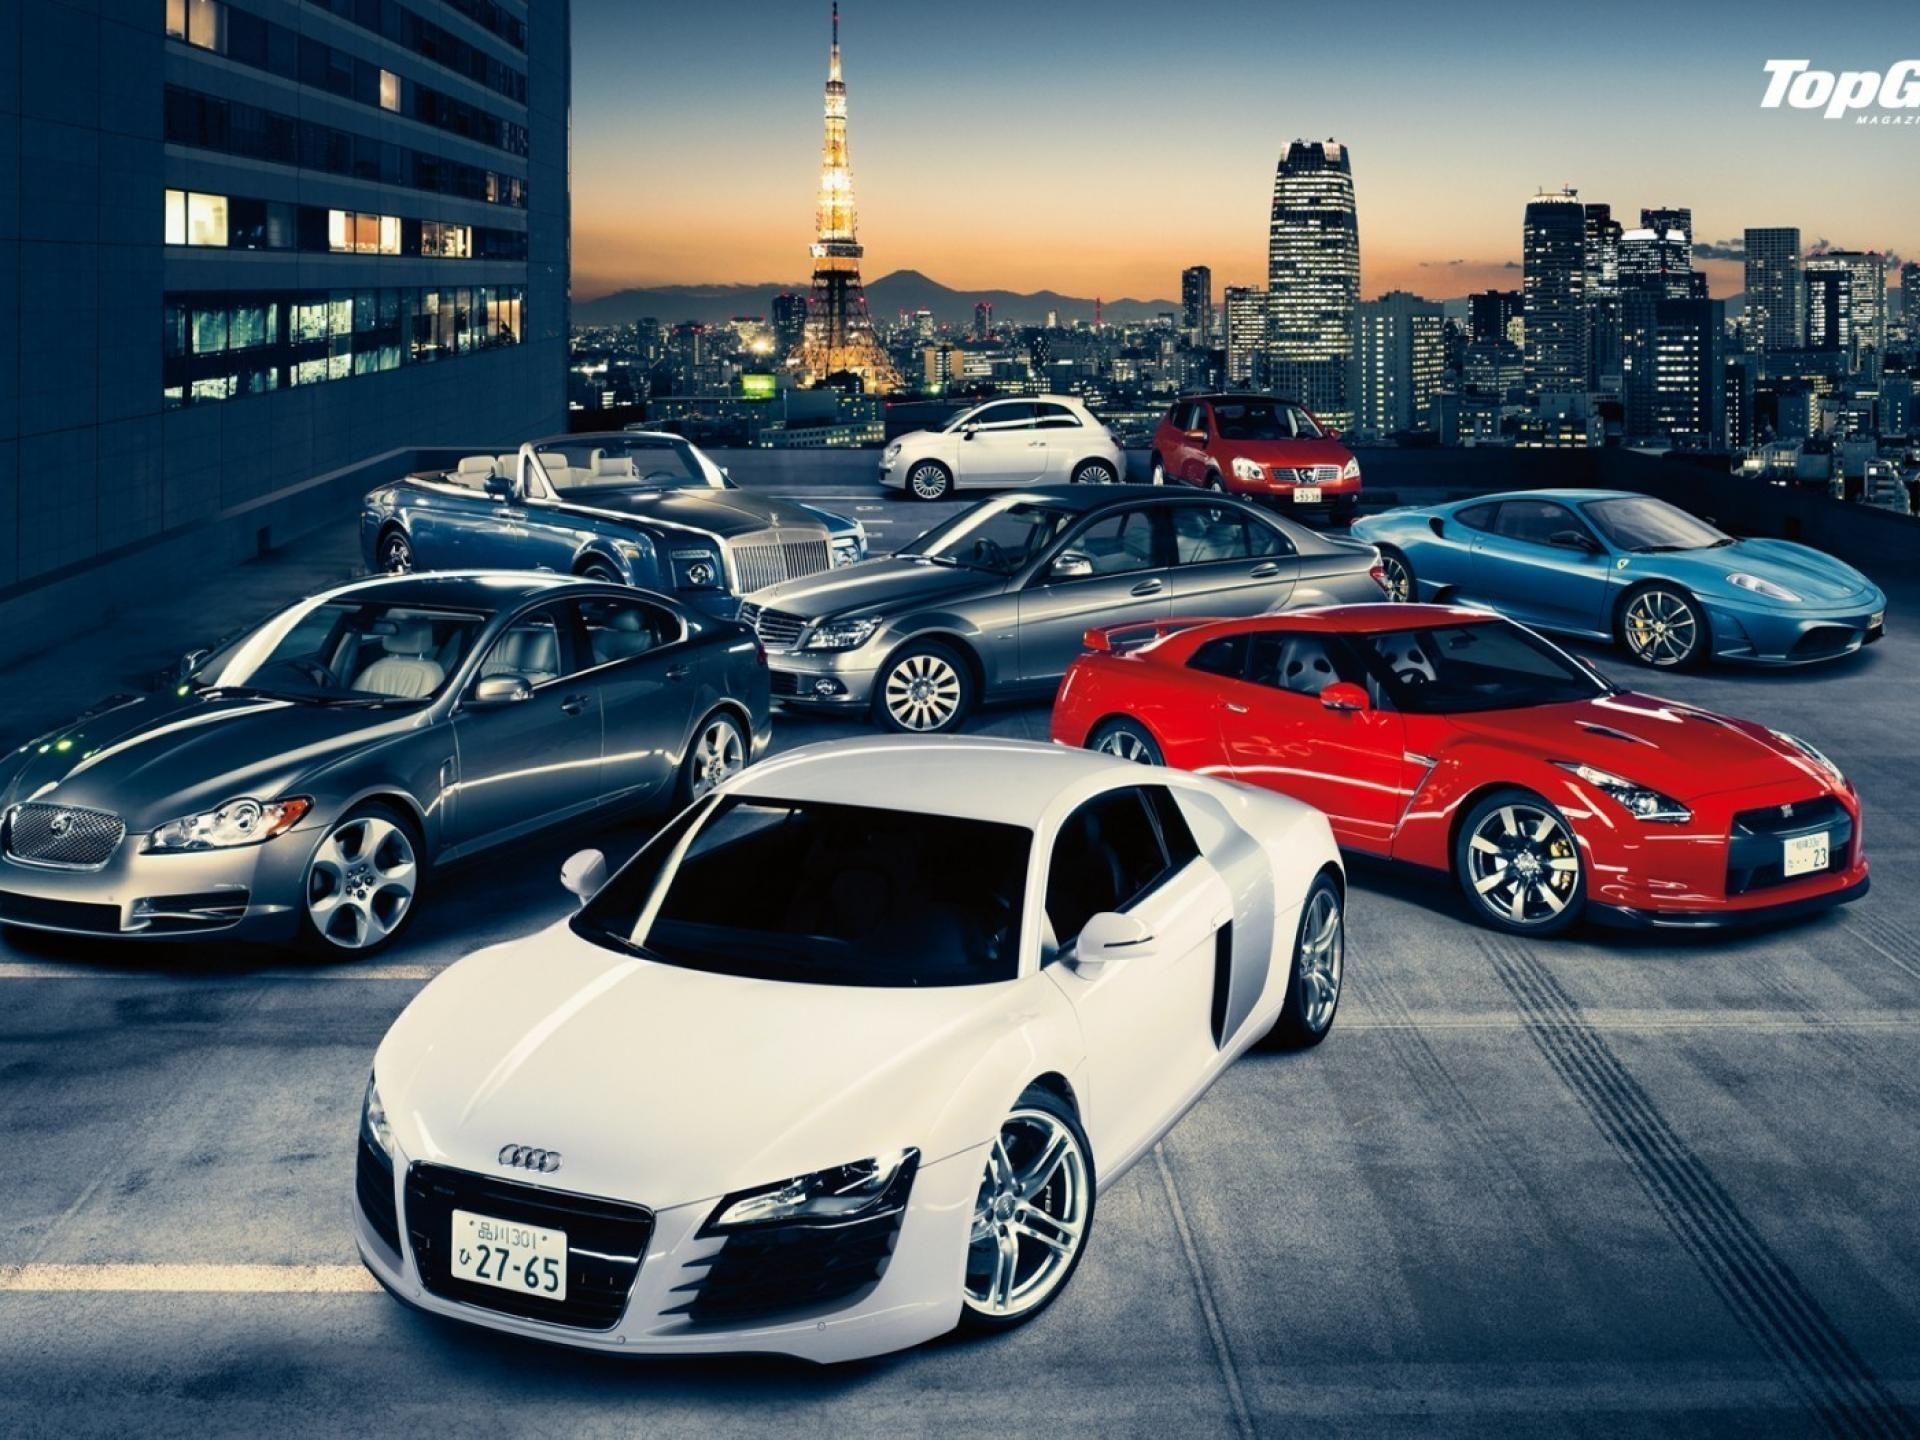 Res: 1920x1440, Top Gear Wallpaper